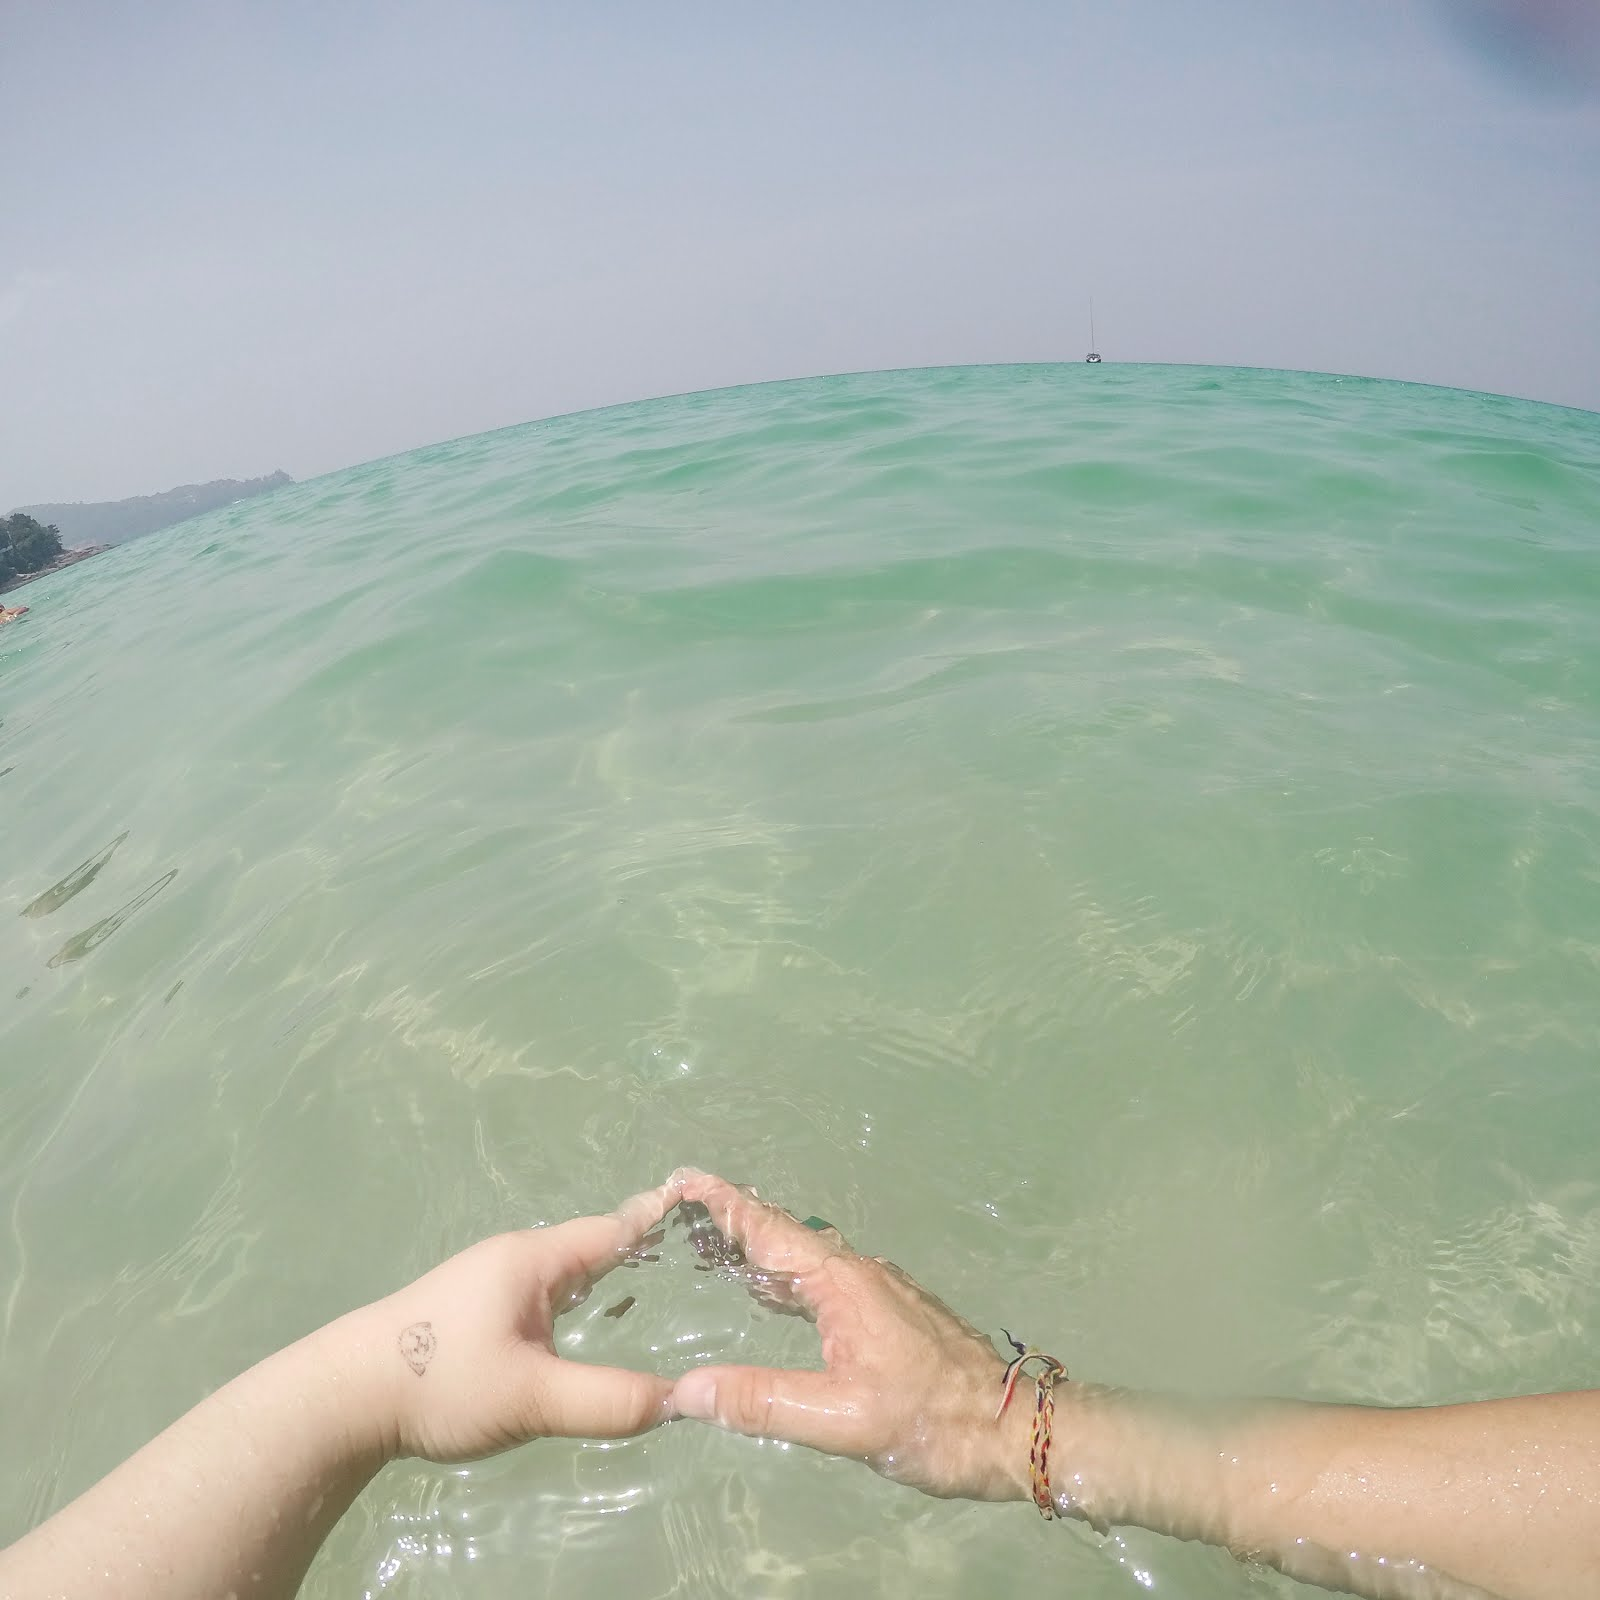 ❤ Phuket with Love ❤